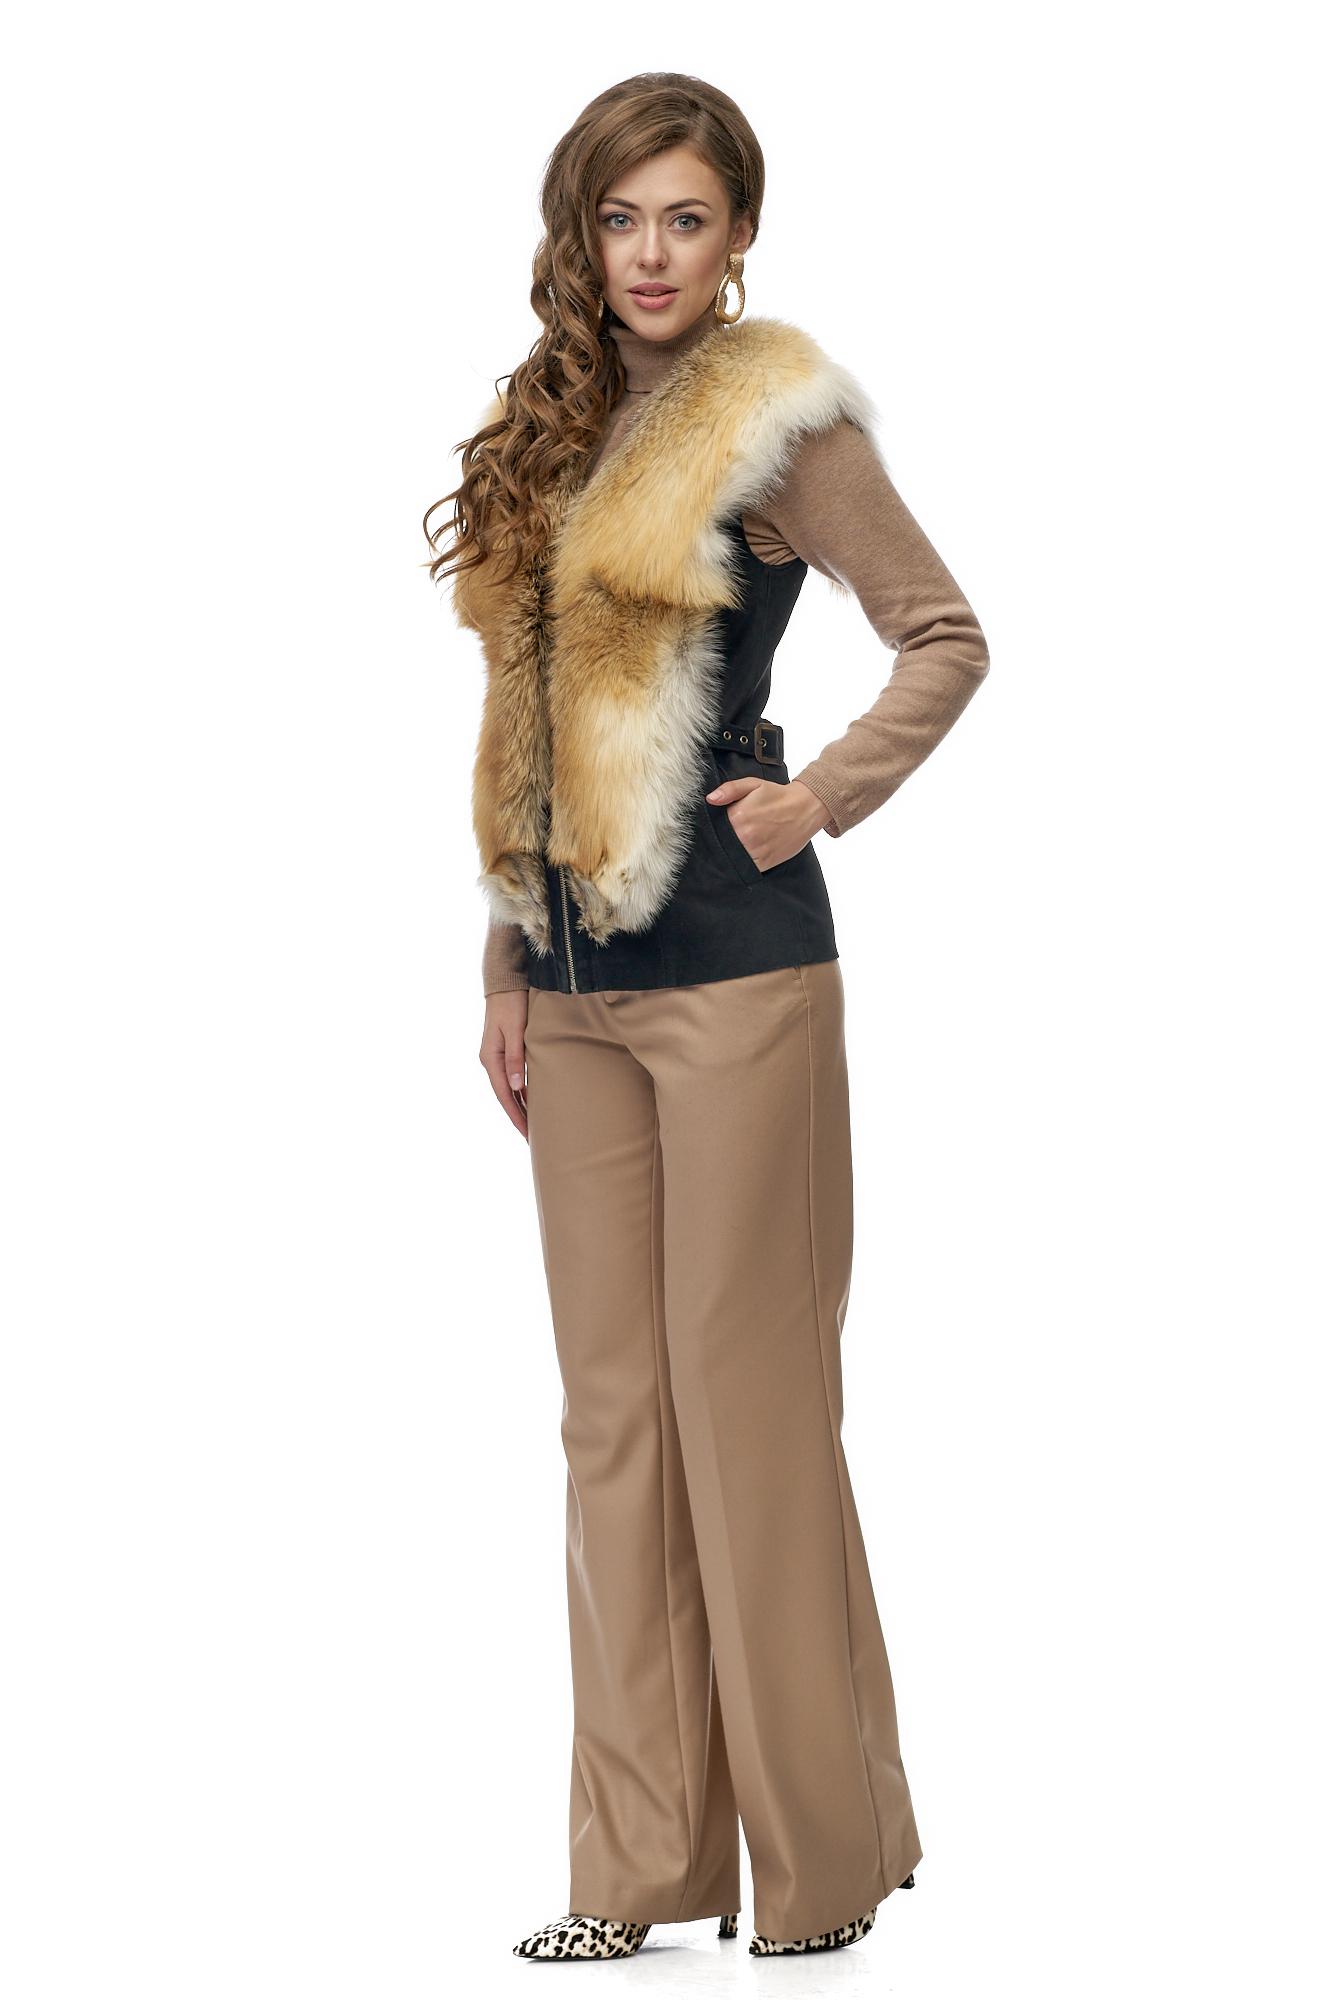 Женская кожаная жилетка из натуральной кожи с воротником, отделка лиса МОСМЕХА